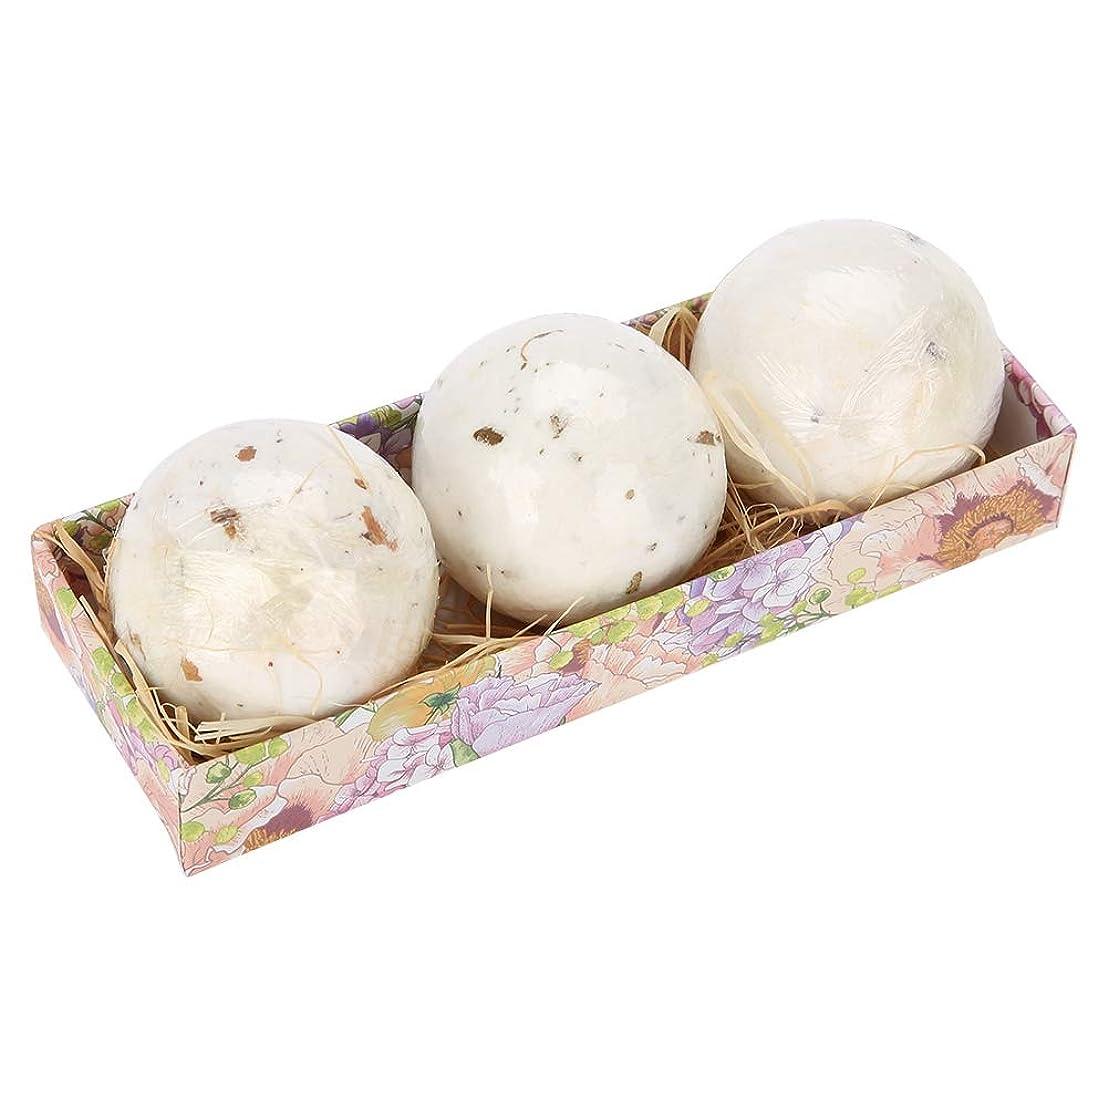 僕のこの論理的バスボム 4枚入り 爆弾バスボール 入浴剤 入浴料 セットお風呂用 海塩 潤い 肌に良い 痒み止め 贈り物 ギフト